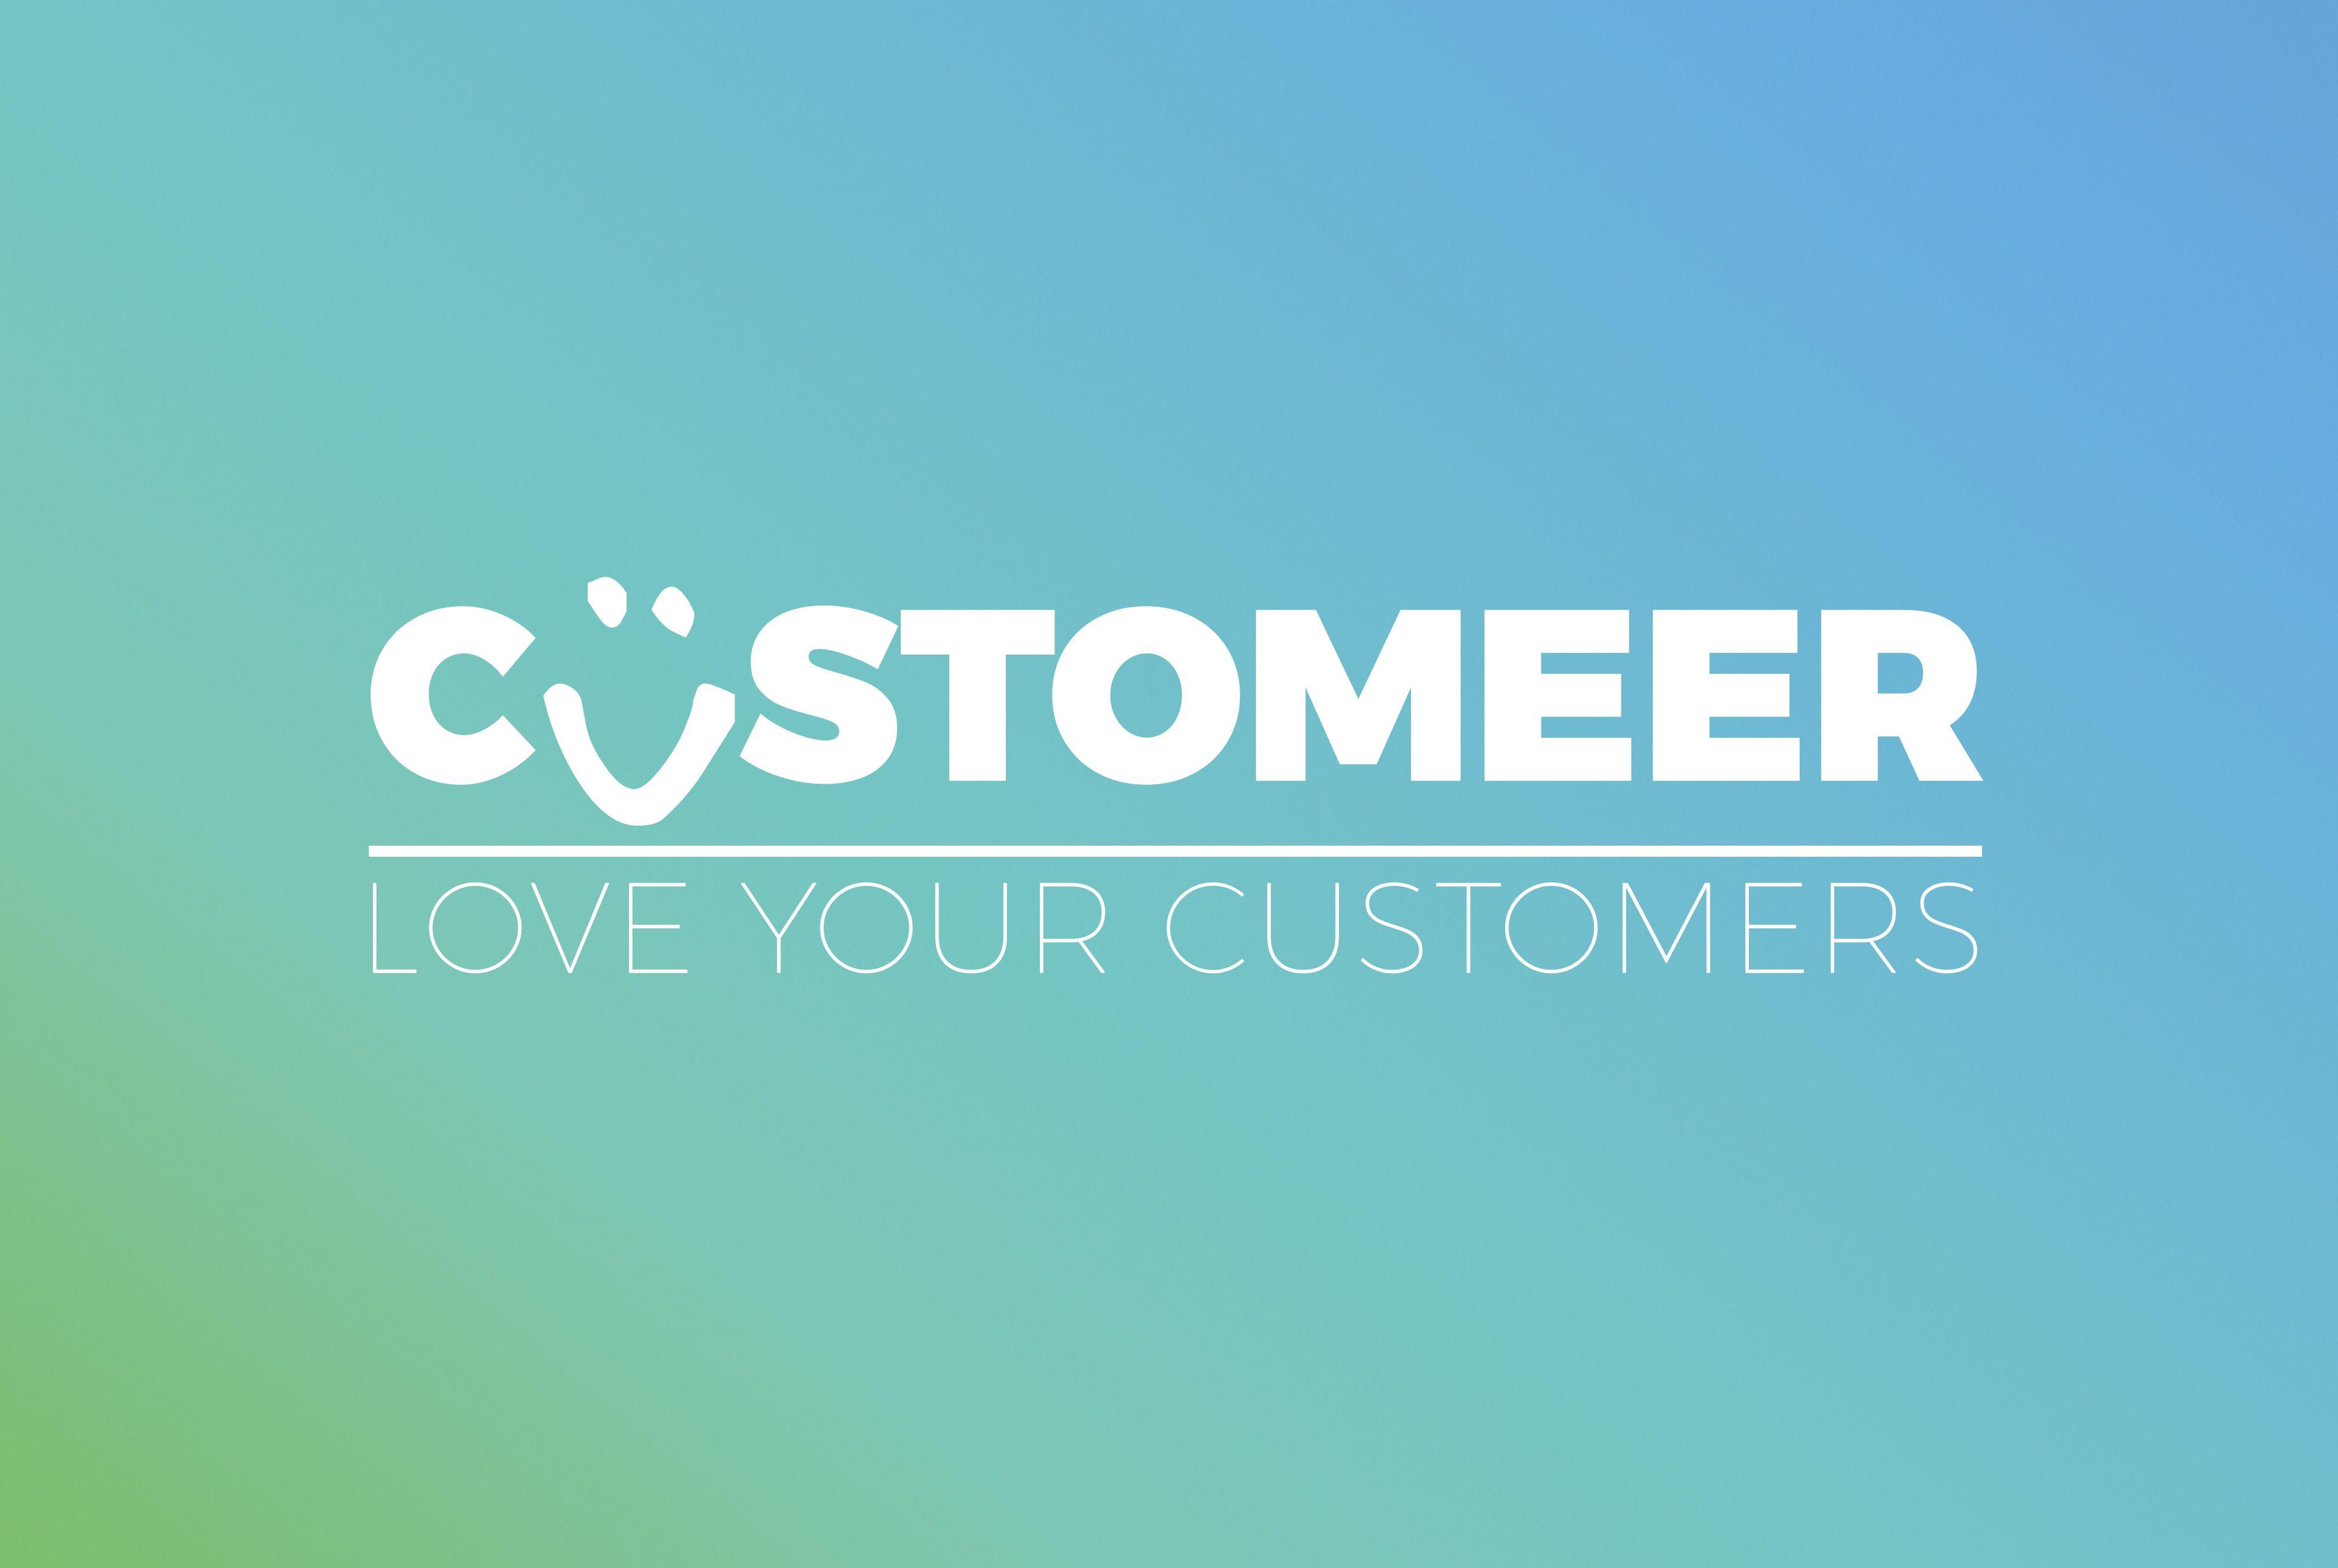 Nace Customeer, plataforma integral de marketing centrado en el cliente, creada por BrainSINS y Referion